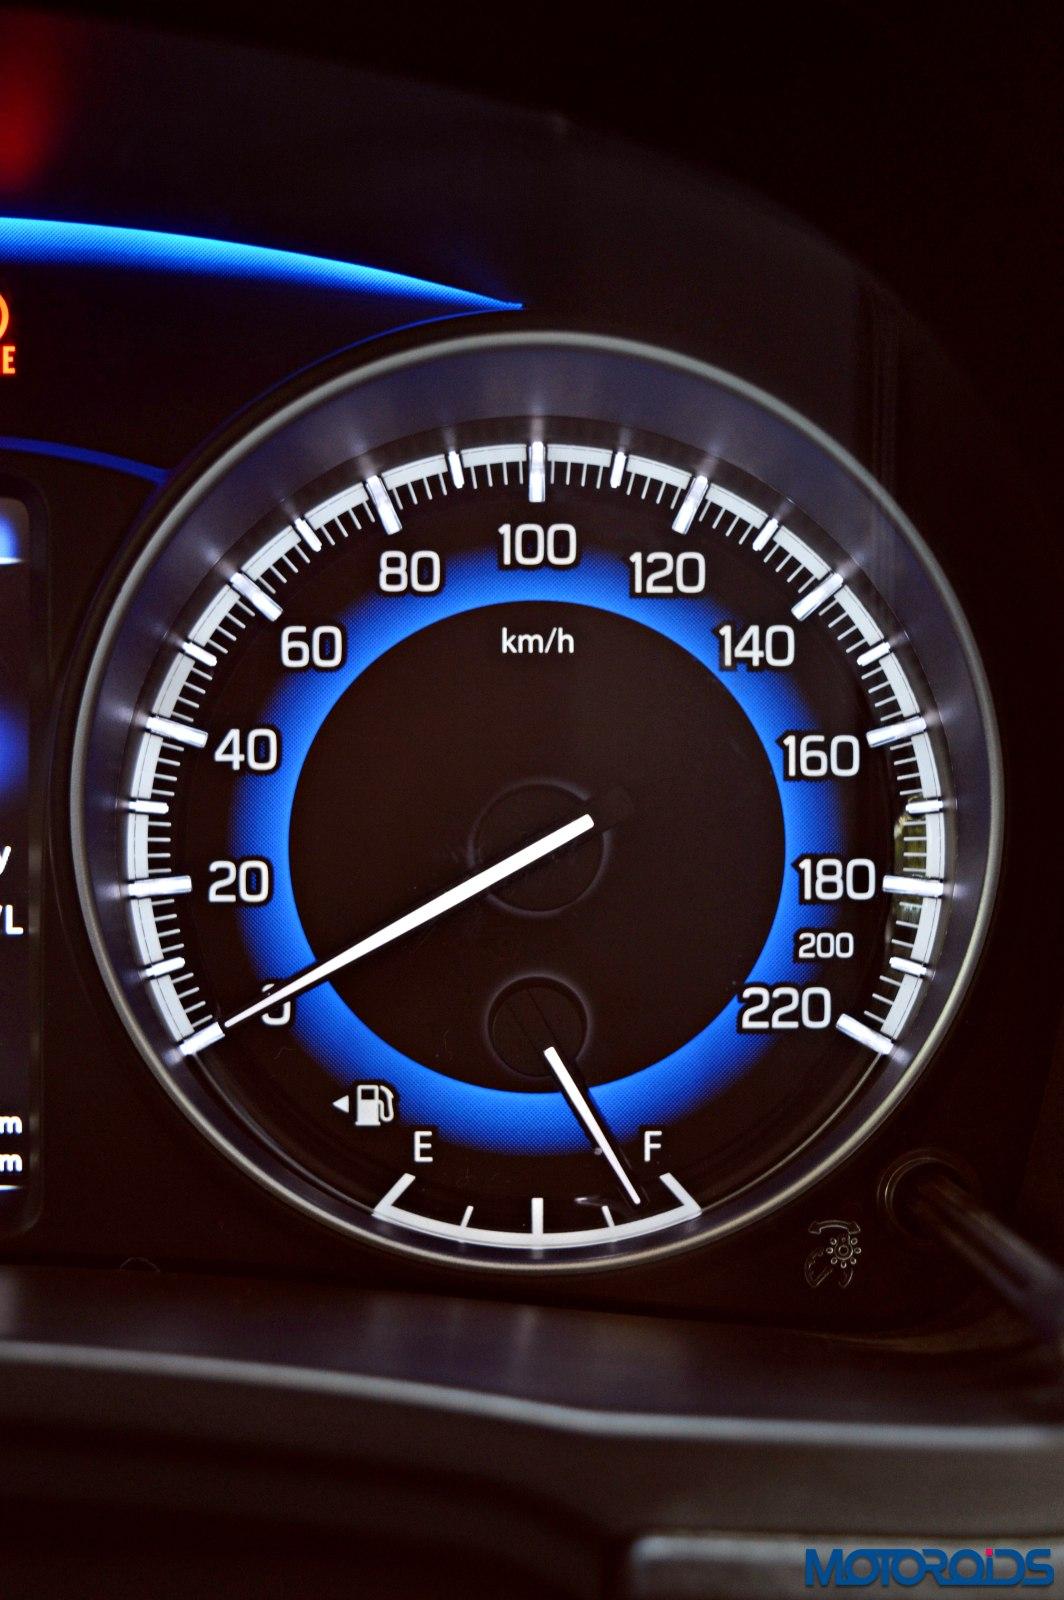 2015-Maruti-Suzuki-Baleno-speedometer